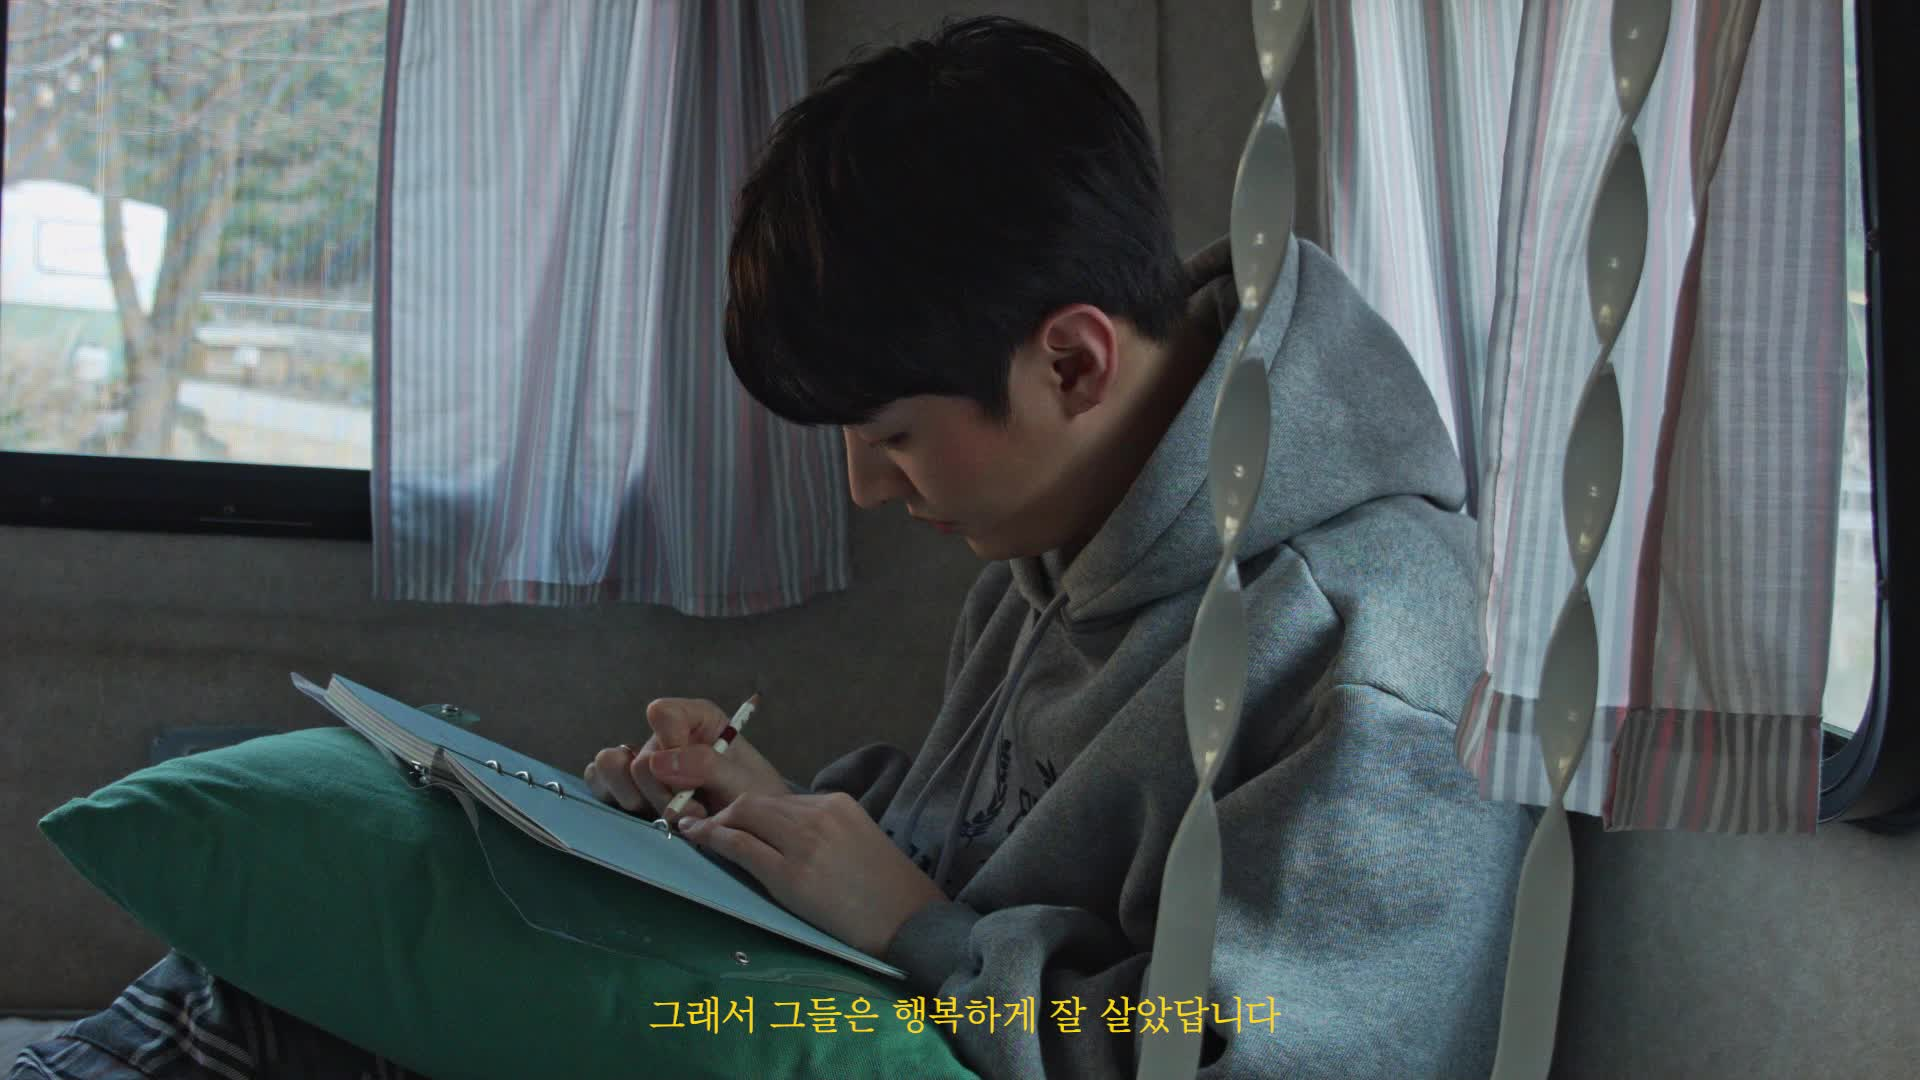 윤지성(Yoon Jisung) - Special Album 'Dear diary' Epilogue